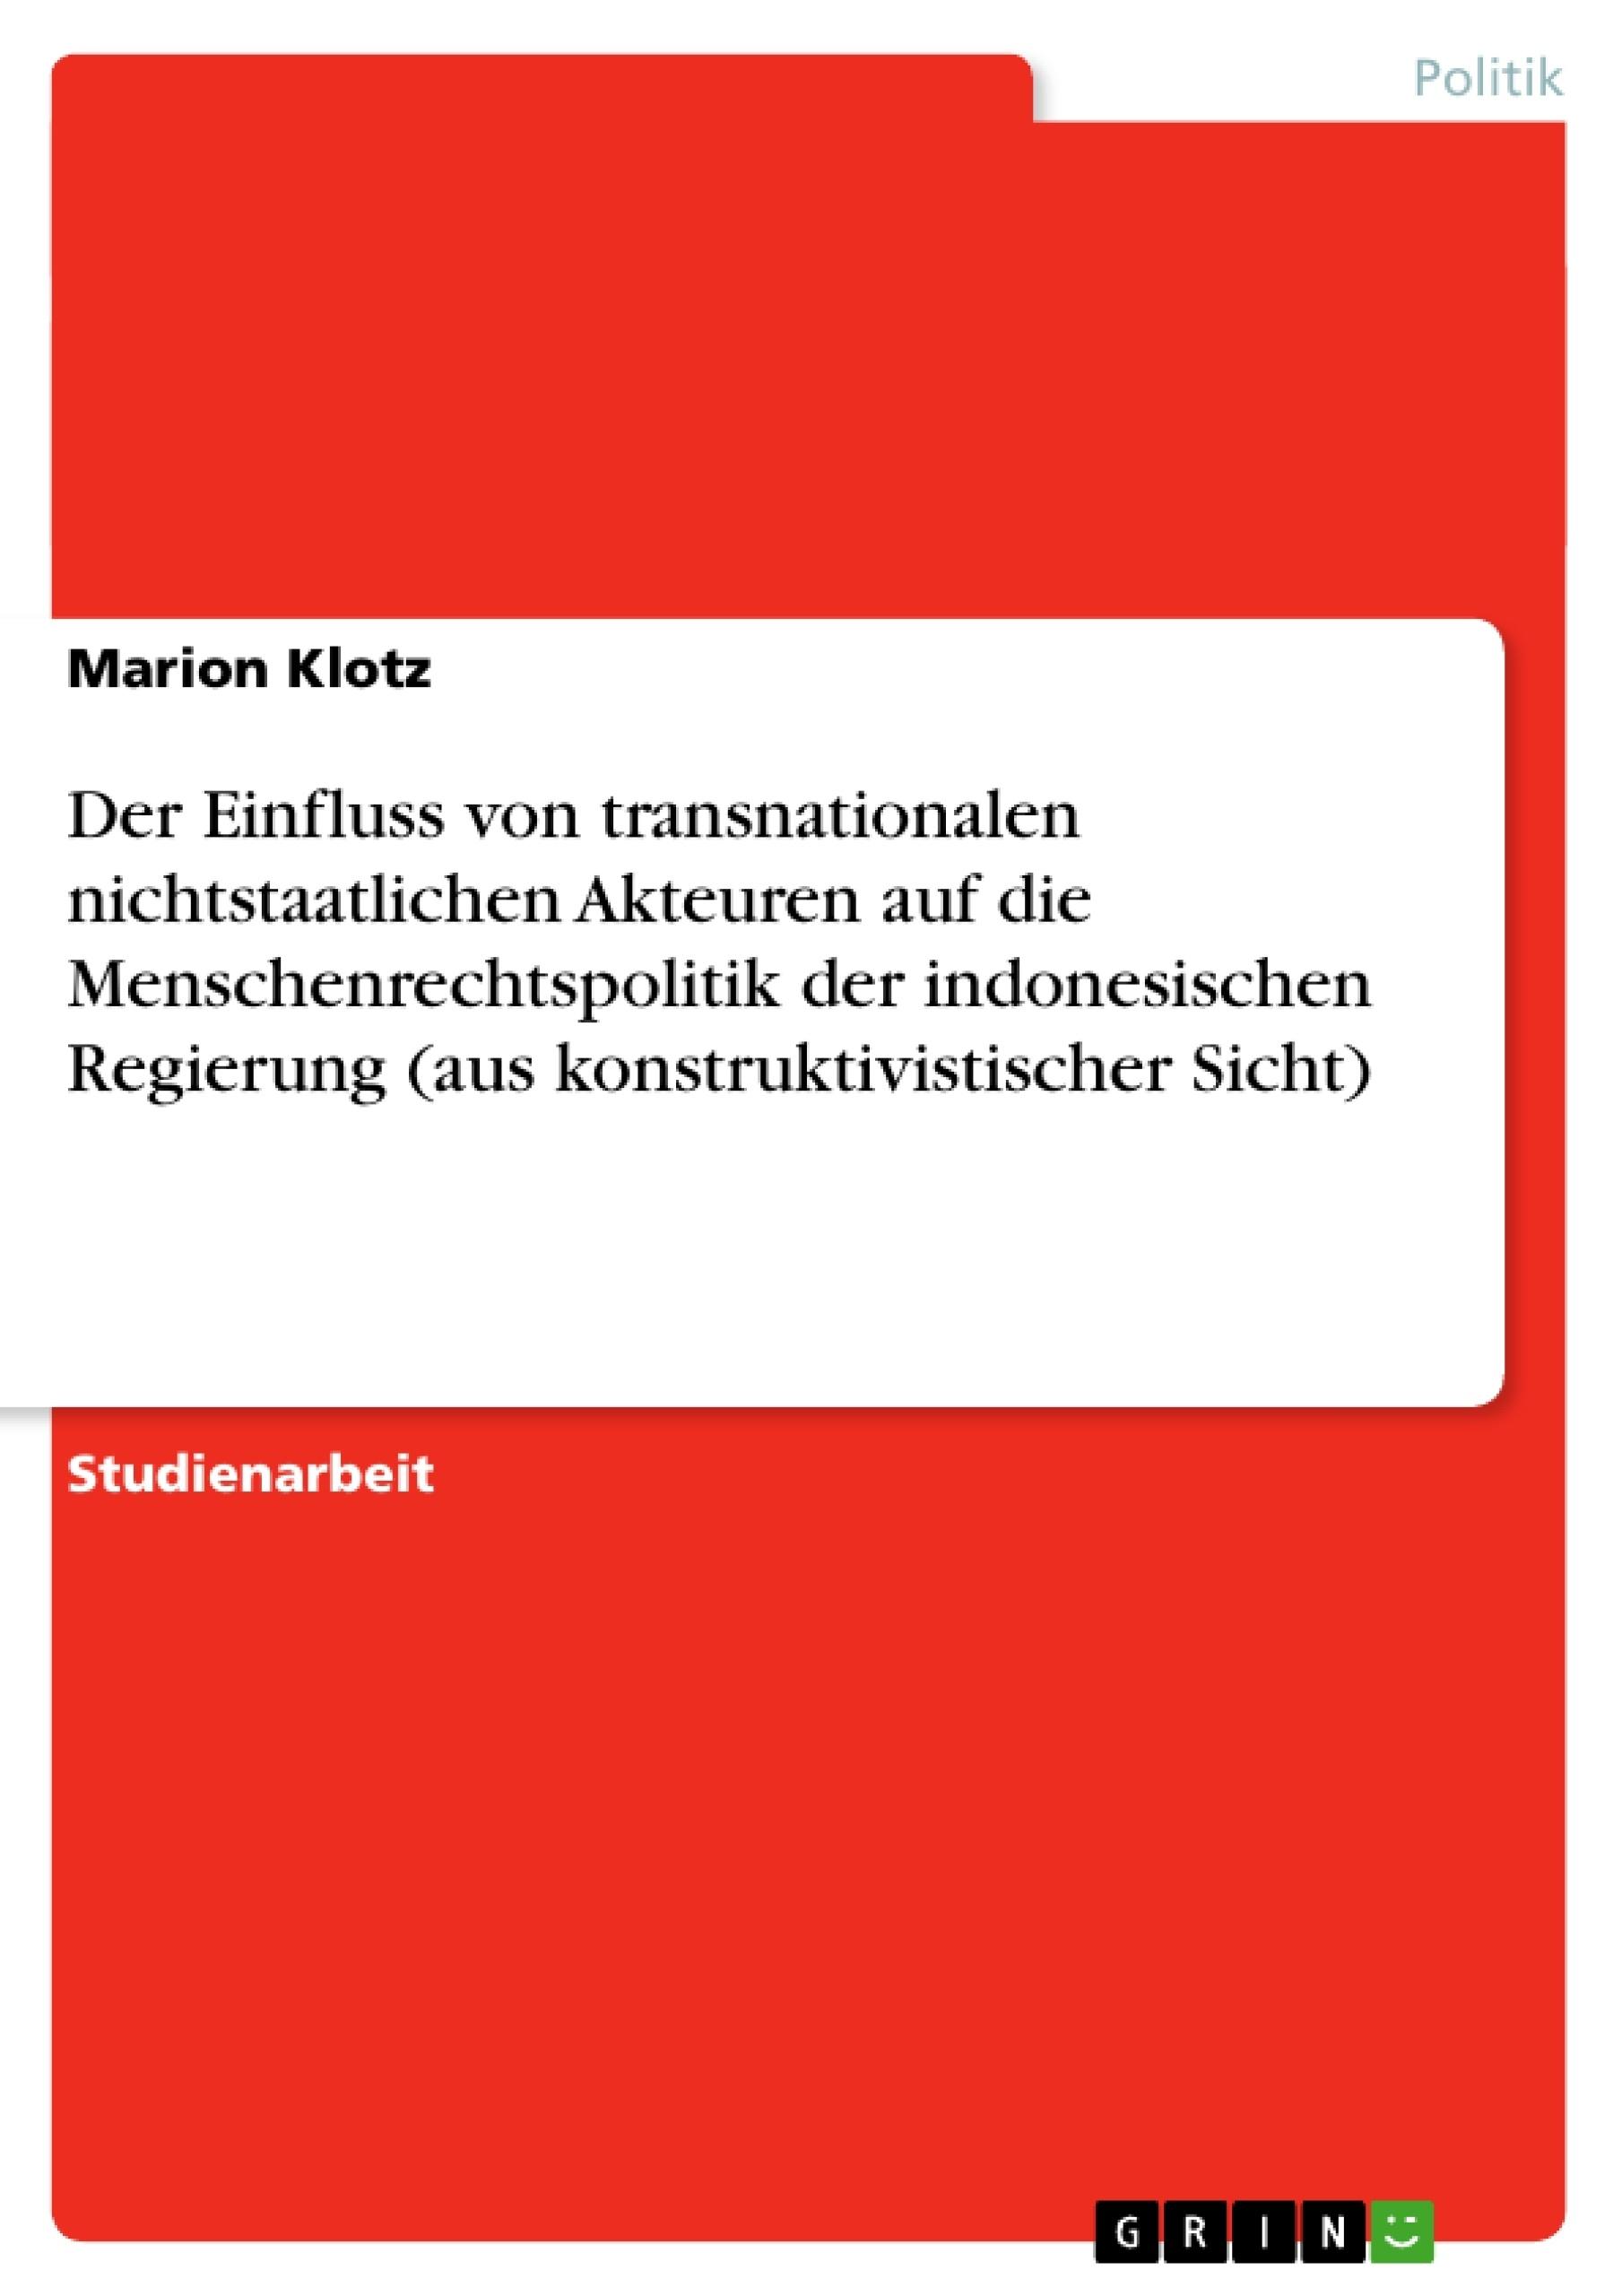 Titel: Der Einfluss von transnationalen nichtstaatlichen Akteuren auf die Menschenrechtspolitik der indonesischen Regierung (aus konstruktivistischer Sicht)